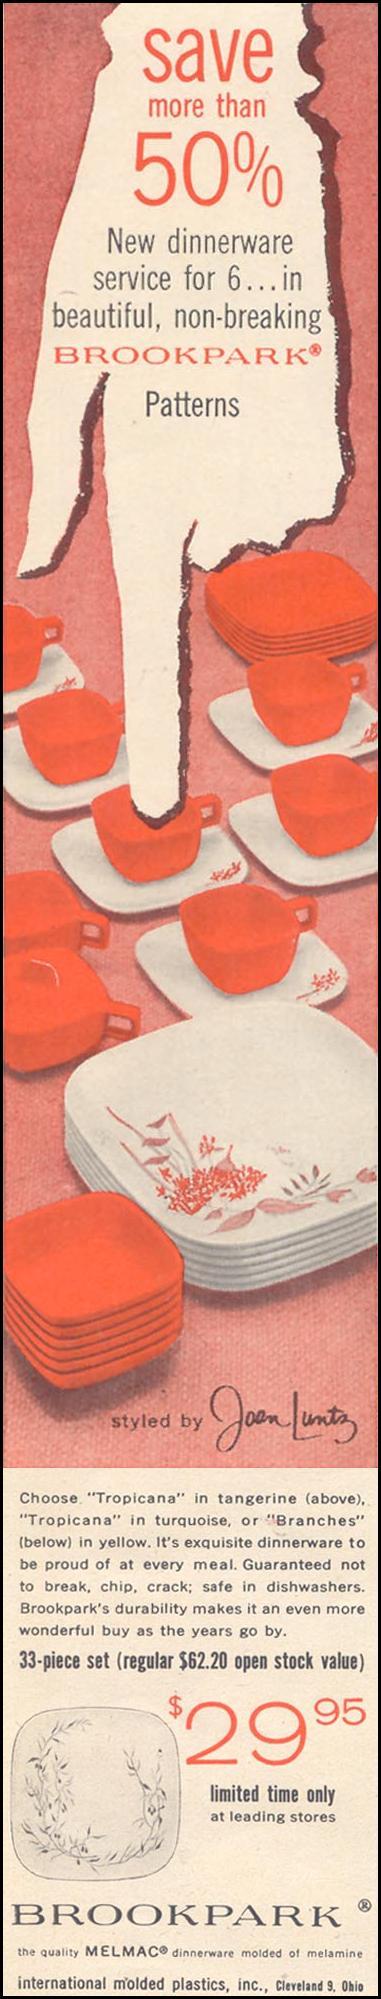 MELMAC DINNERWARE LIFE 11/11/1957 p. 150